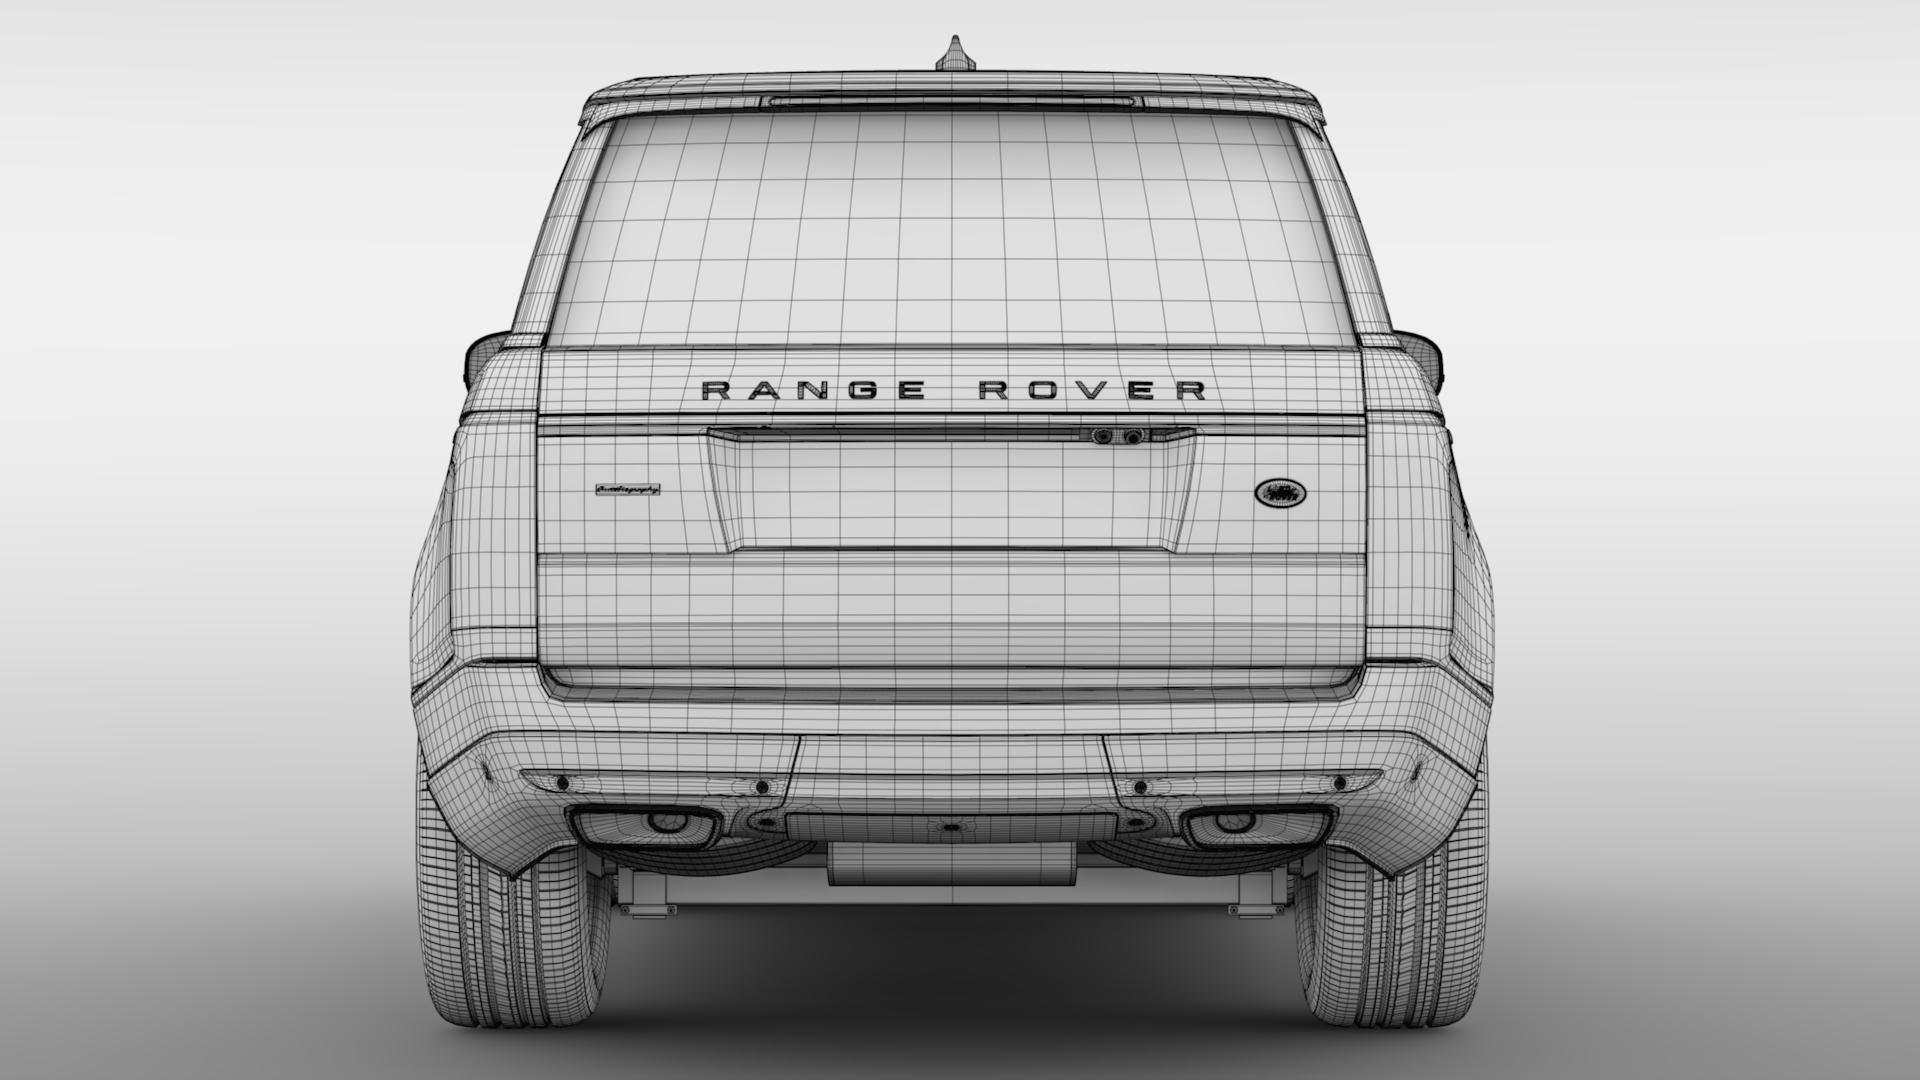 range rover autobiography (l405) 2018 3d model max fbx c4d lwo ma mb hrc xsi obj 278066